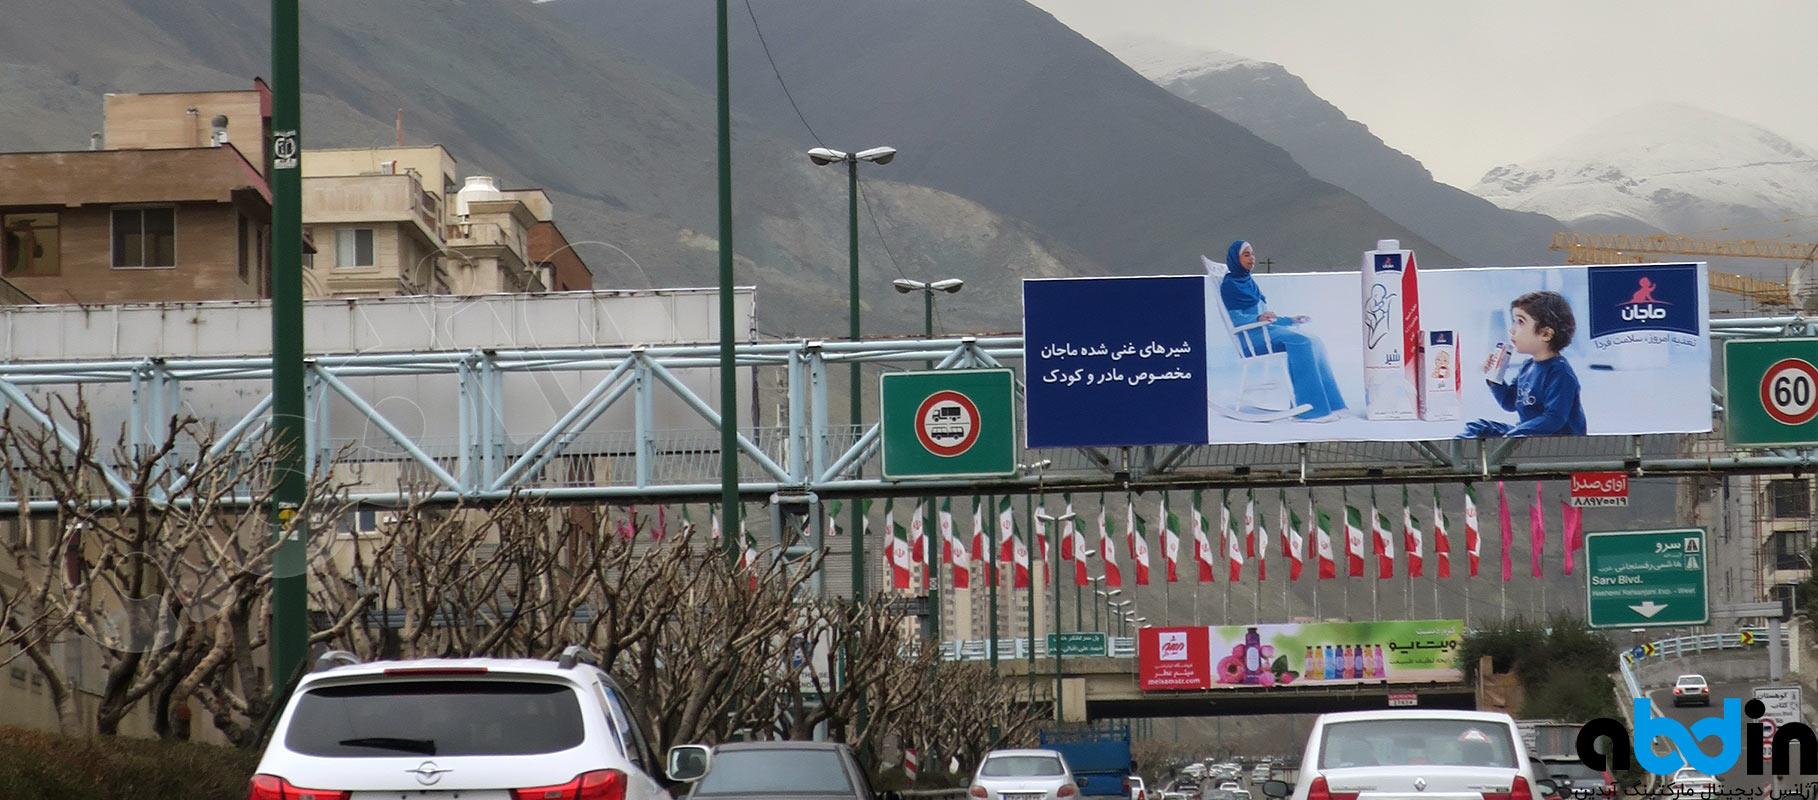 بیلبورد یادگار امام شمال نرسیده به خروجی هاشمی رفسنجانی